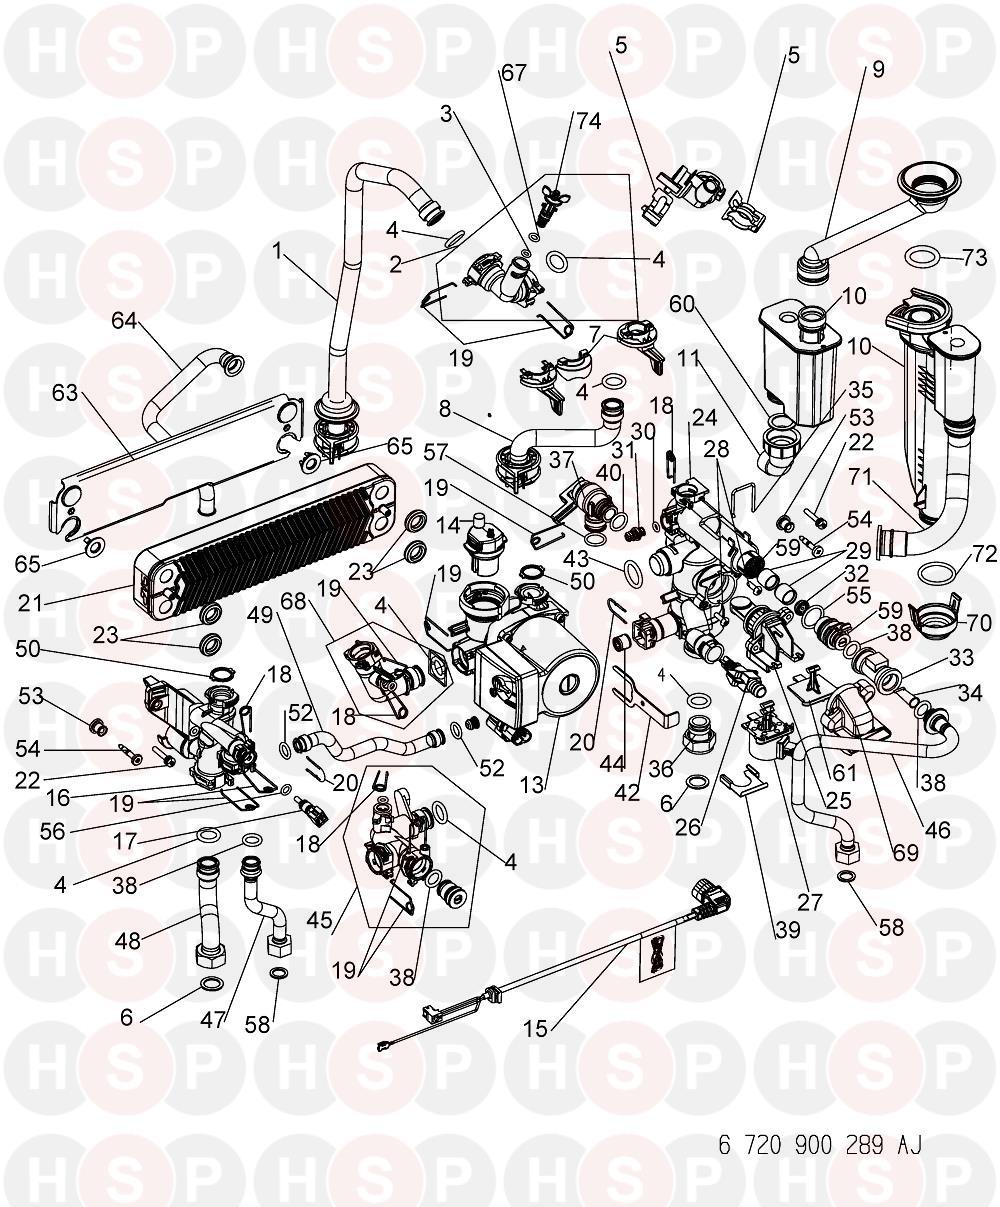 Worcester Greenstar 15 i SYSTEM (Hydraulics) Diagram